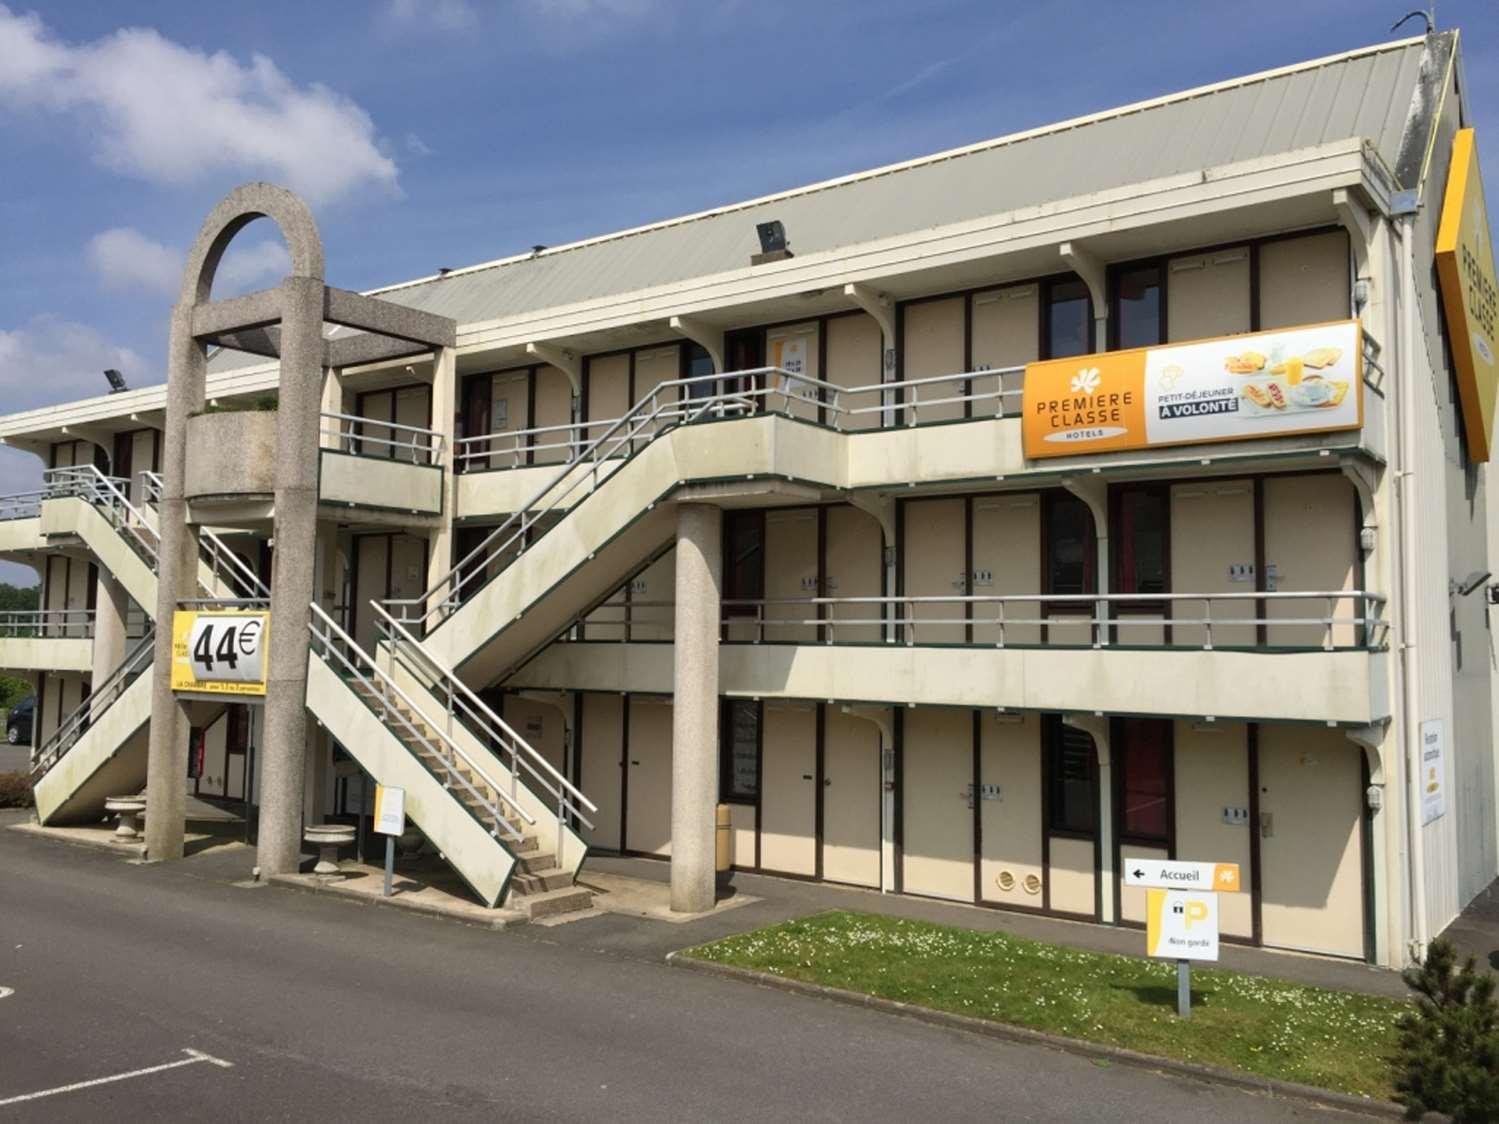 HOTEL PREMIERE CLASSE BREST - Gouesnou Aéroport